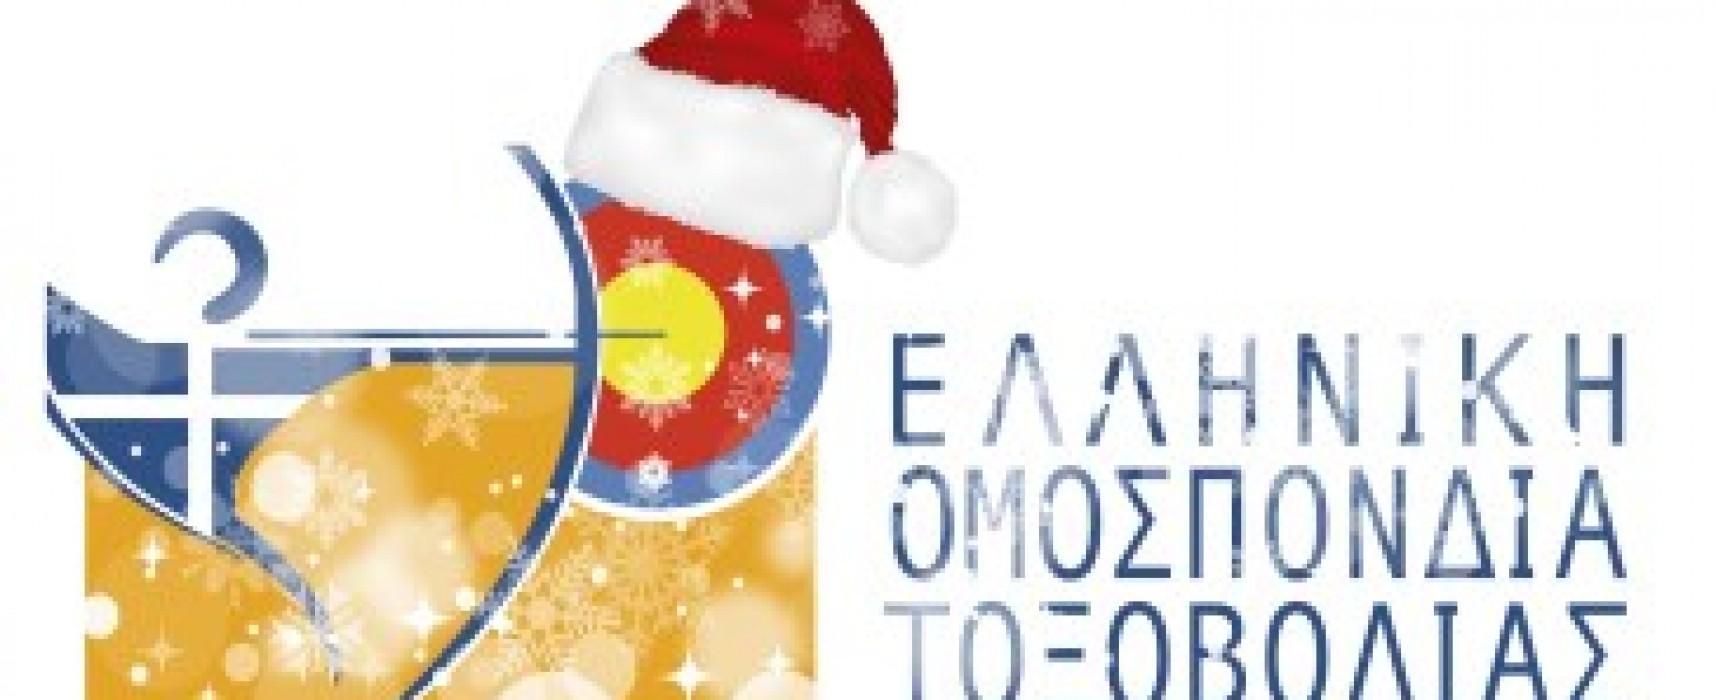 Ενημέρωση για κλείσιμο γραφείων ΕΟΤ και προπονητήριου στο ΟΑΚΑ λόγω αργιών Χριστουγέννων  Πρωτοχρονιάς